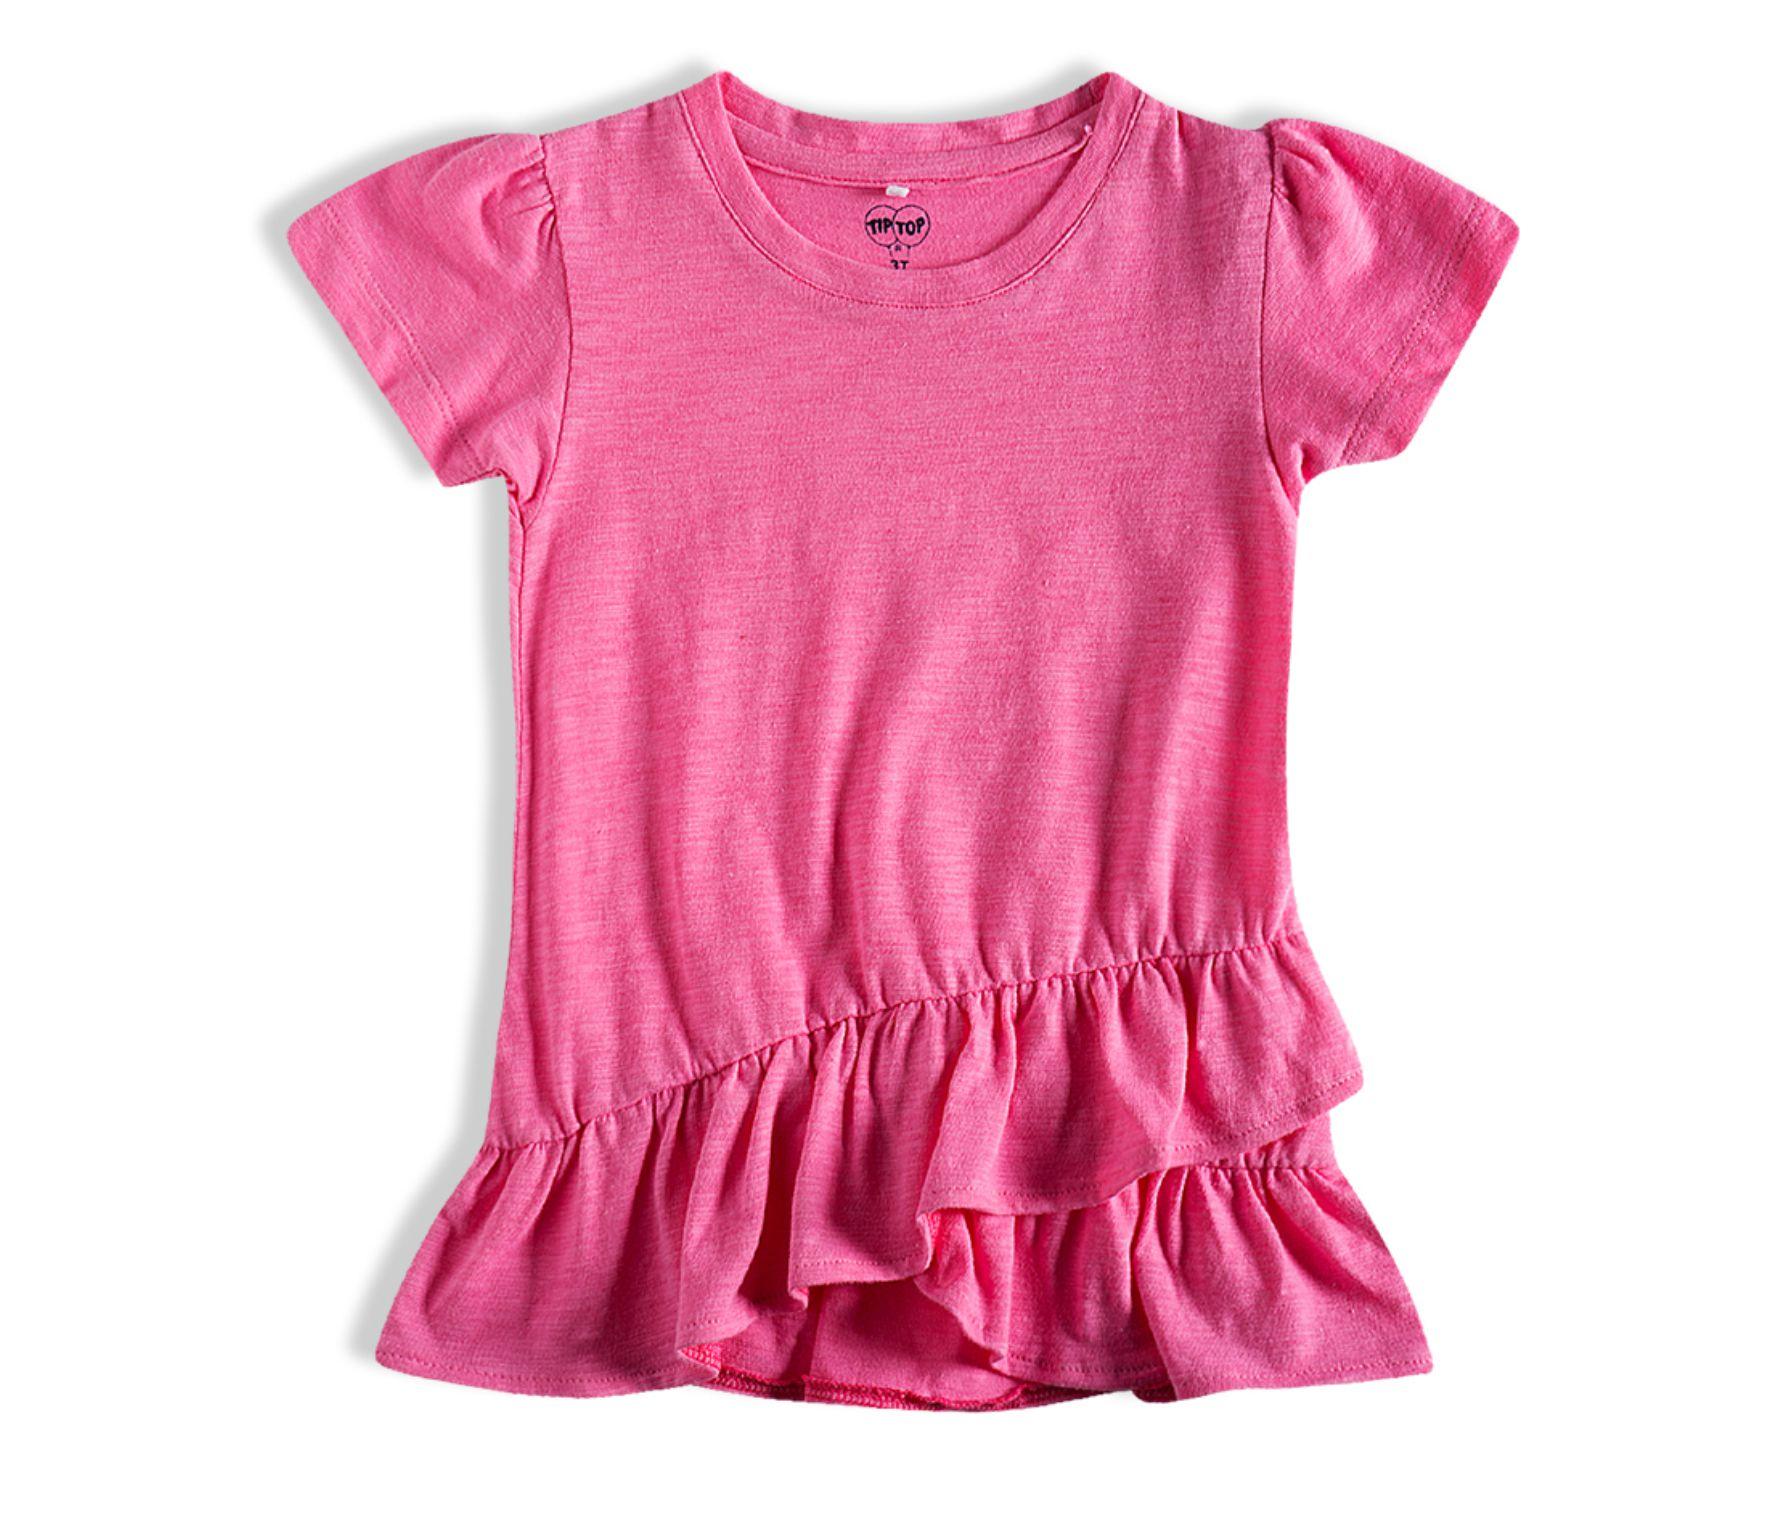 Camiseta Rosa Be Happy /Tam:1t/TipTop